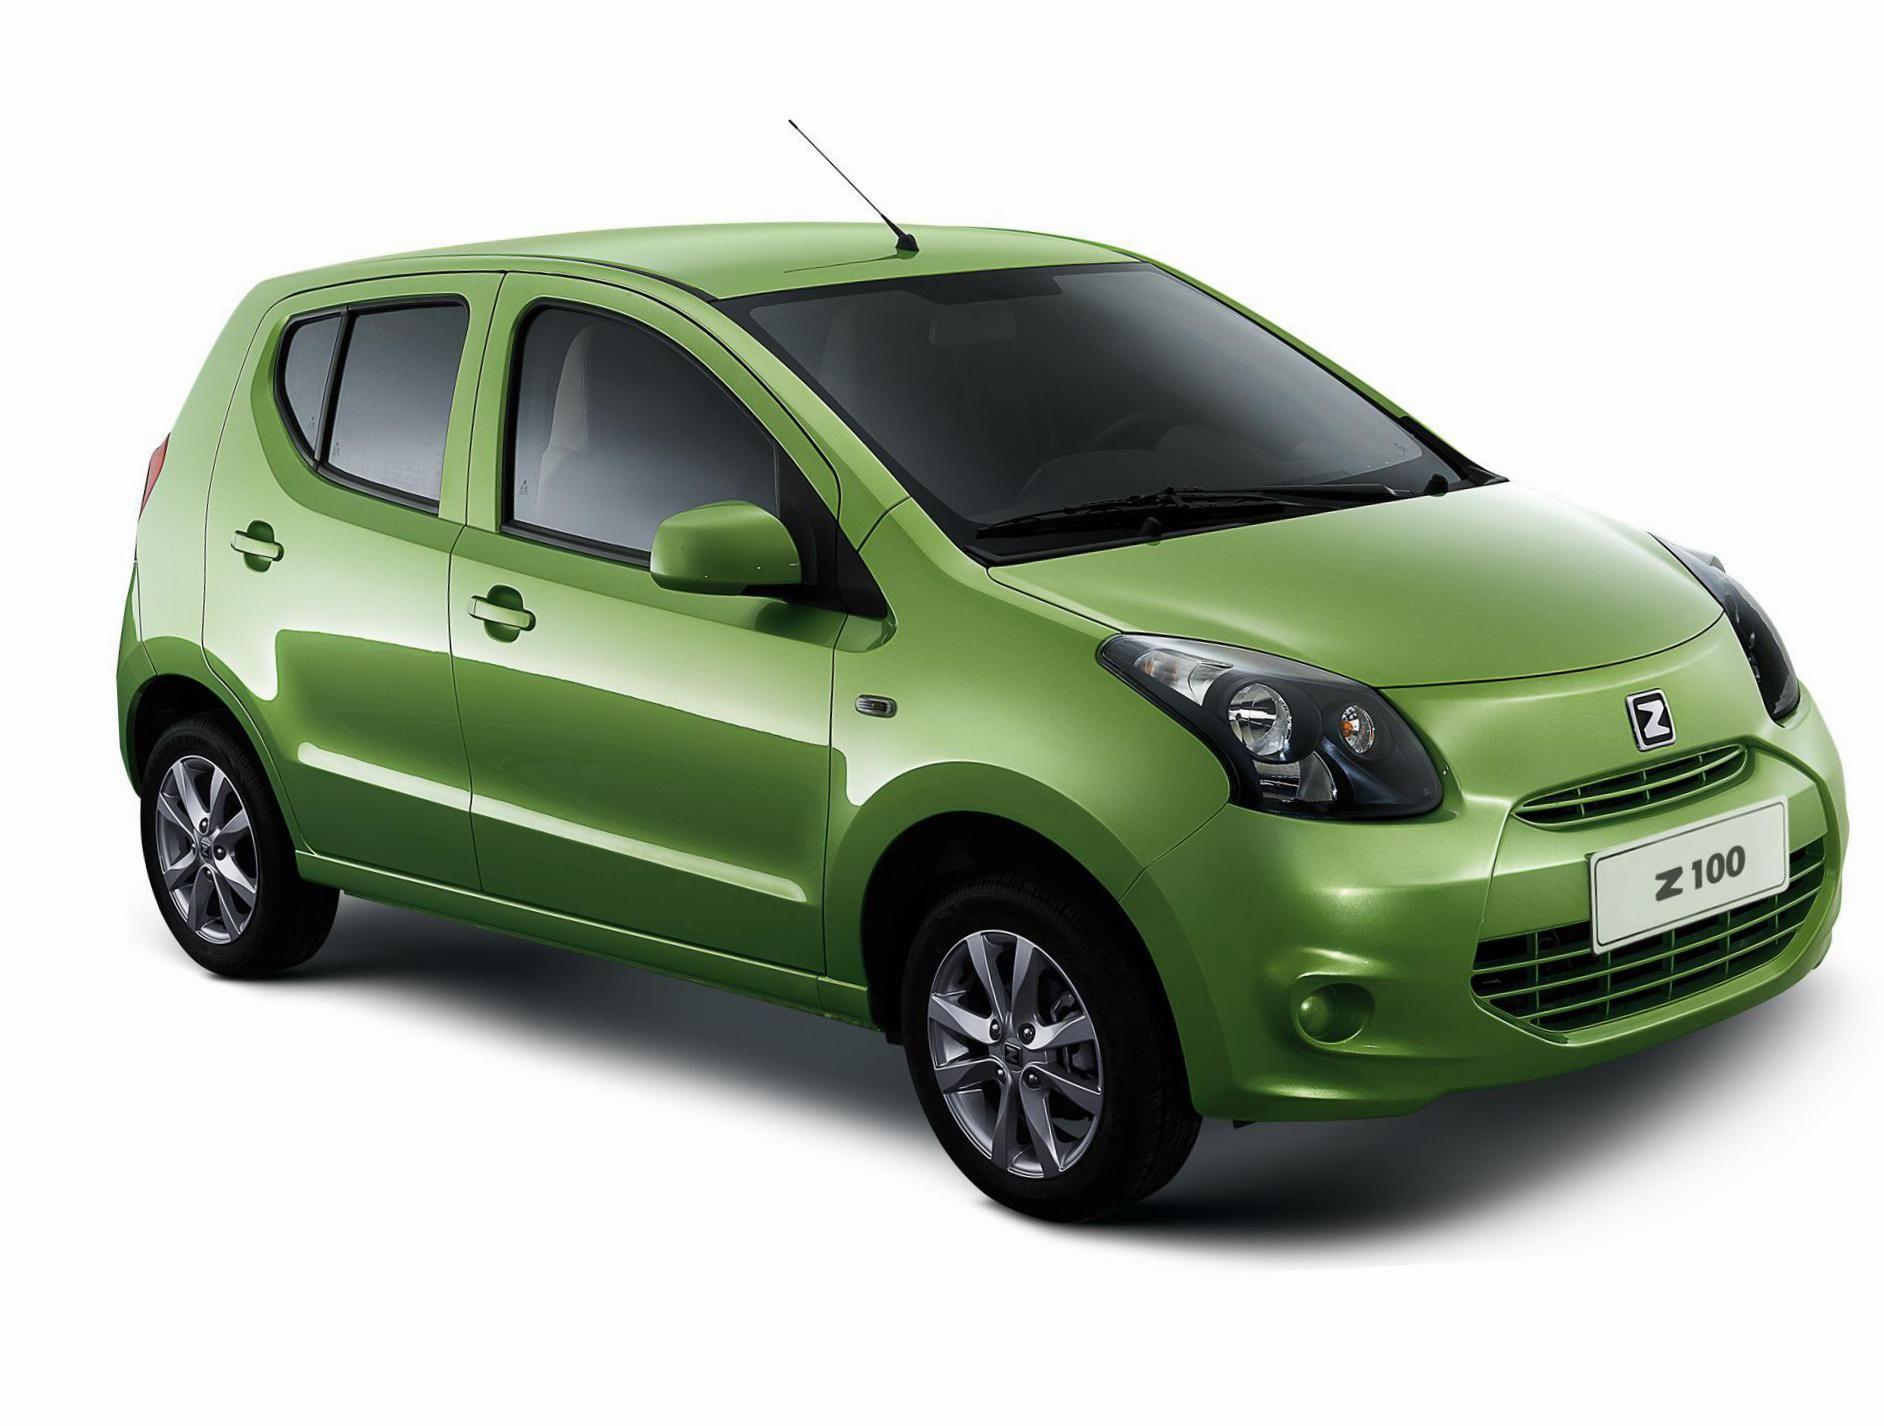 Zotye Z100 Lease Http Autotras Com Wagon R Car Suzuki Wagon R